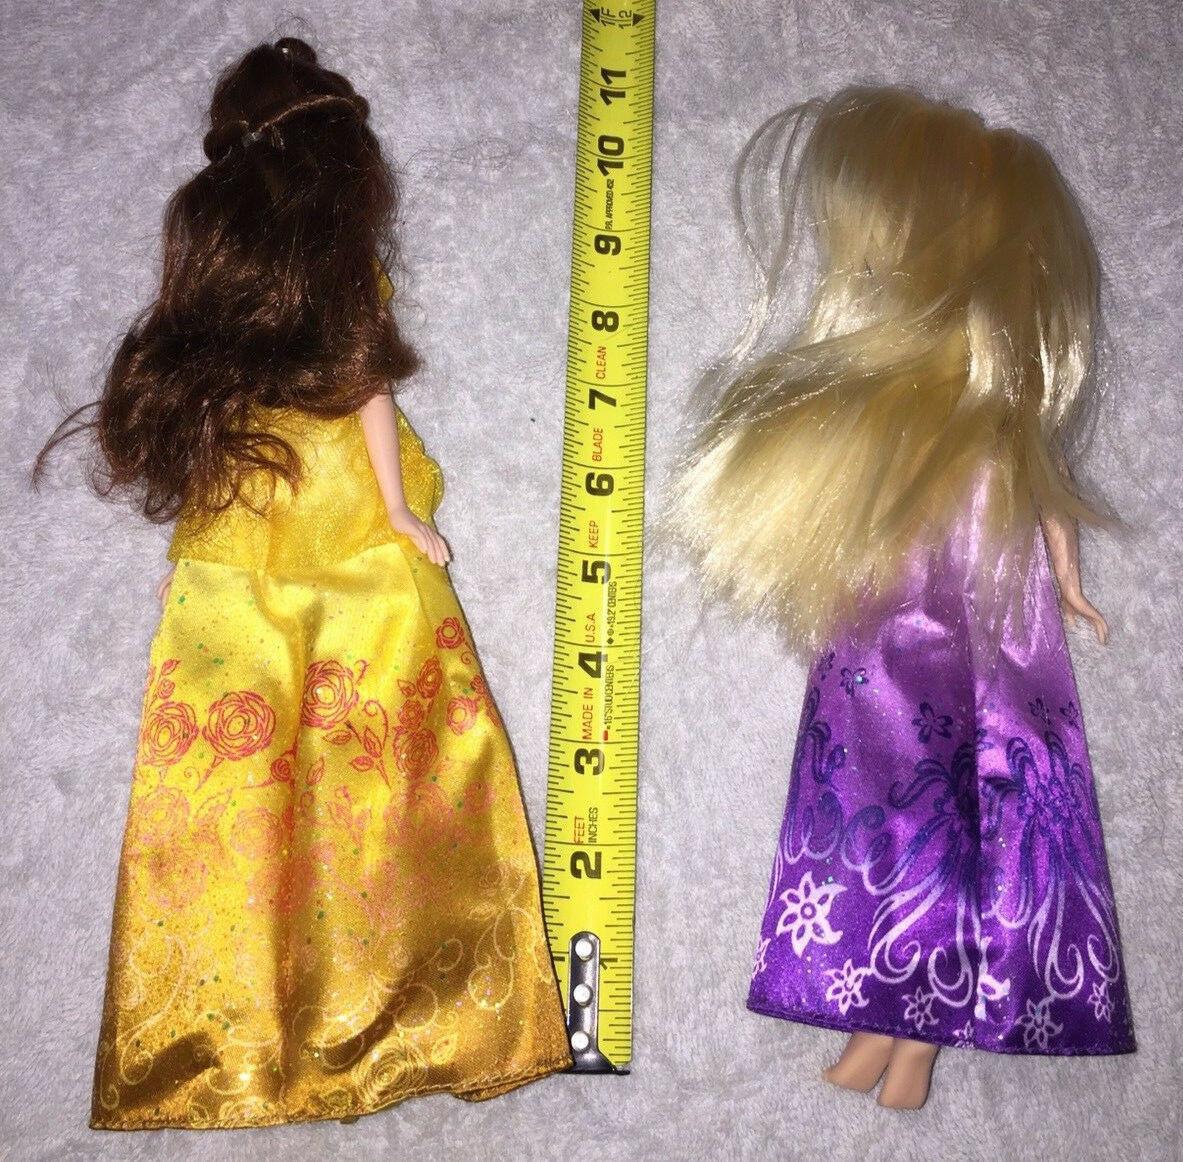 2 Disney Princess Shimmering Dreams Collection Dolls Rapunzel & Belle Used Good